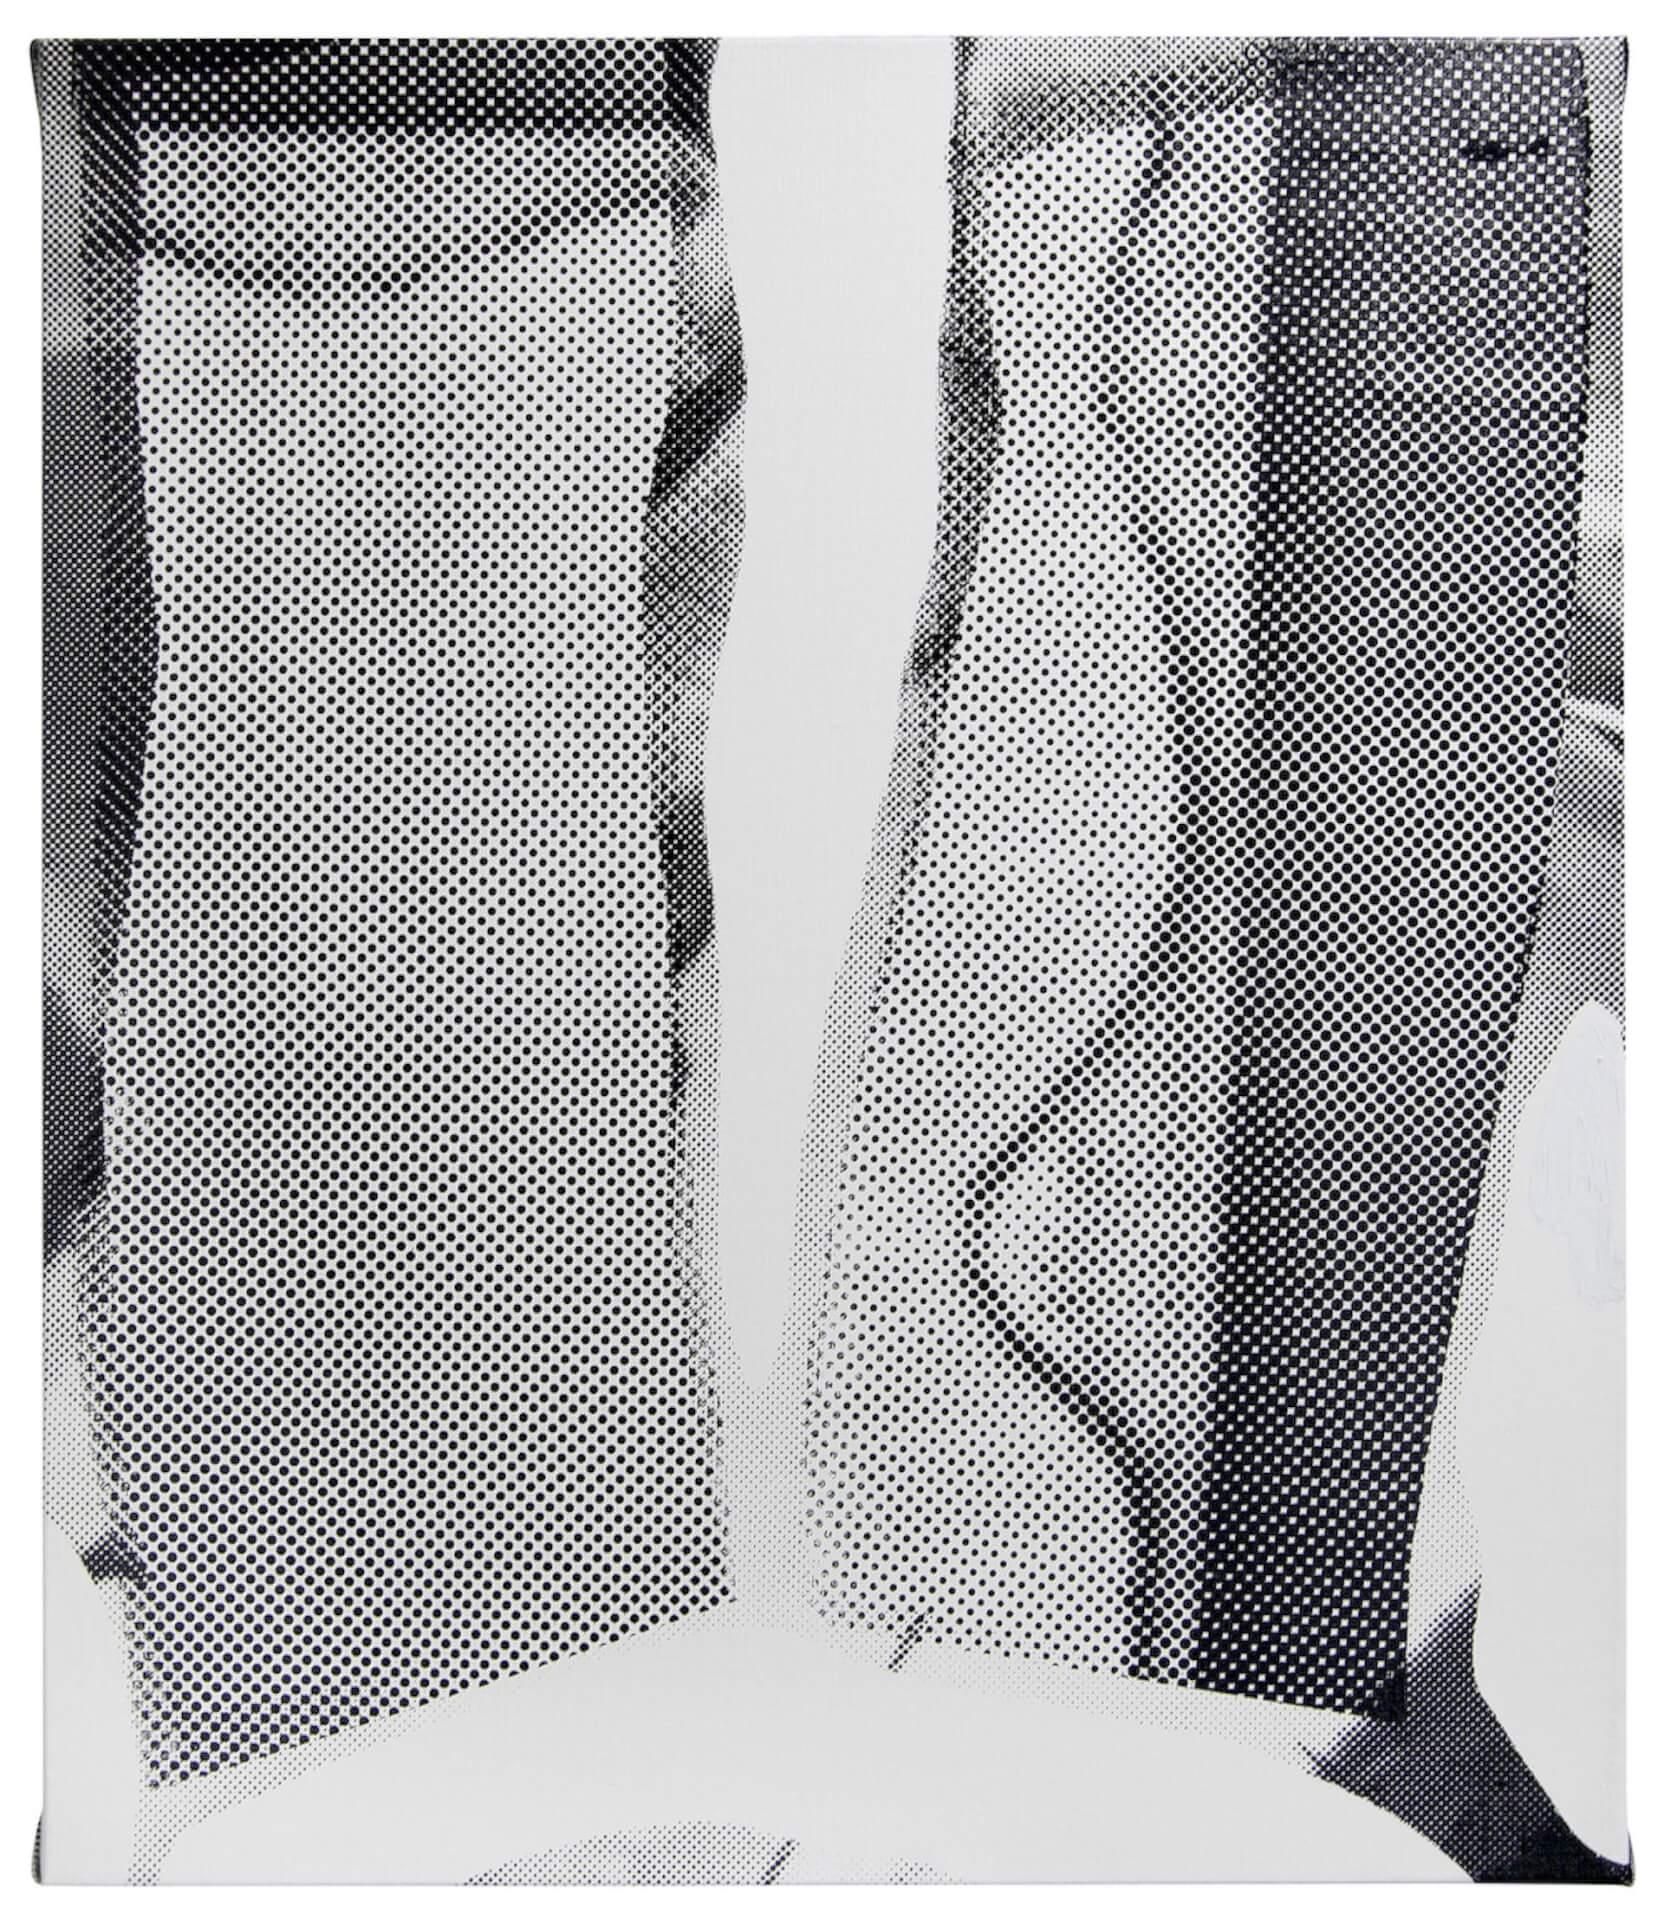 小村希史個展<OIL>が渋谷PARCO「OIL by 美術手帖」ギャラリーで開催|新作展示やオリジナルTシャツの販売も ac200313_komuramarehumi_oil_02